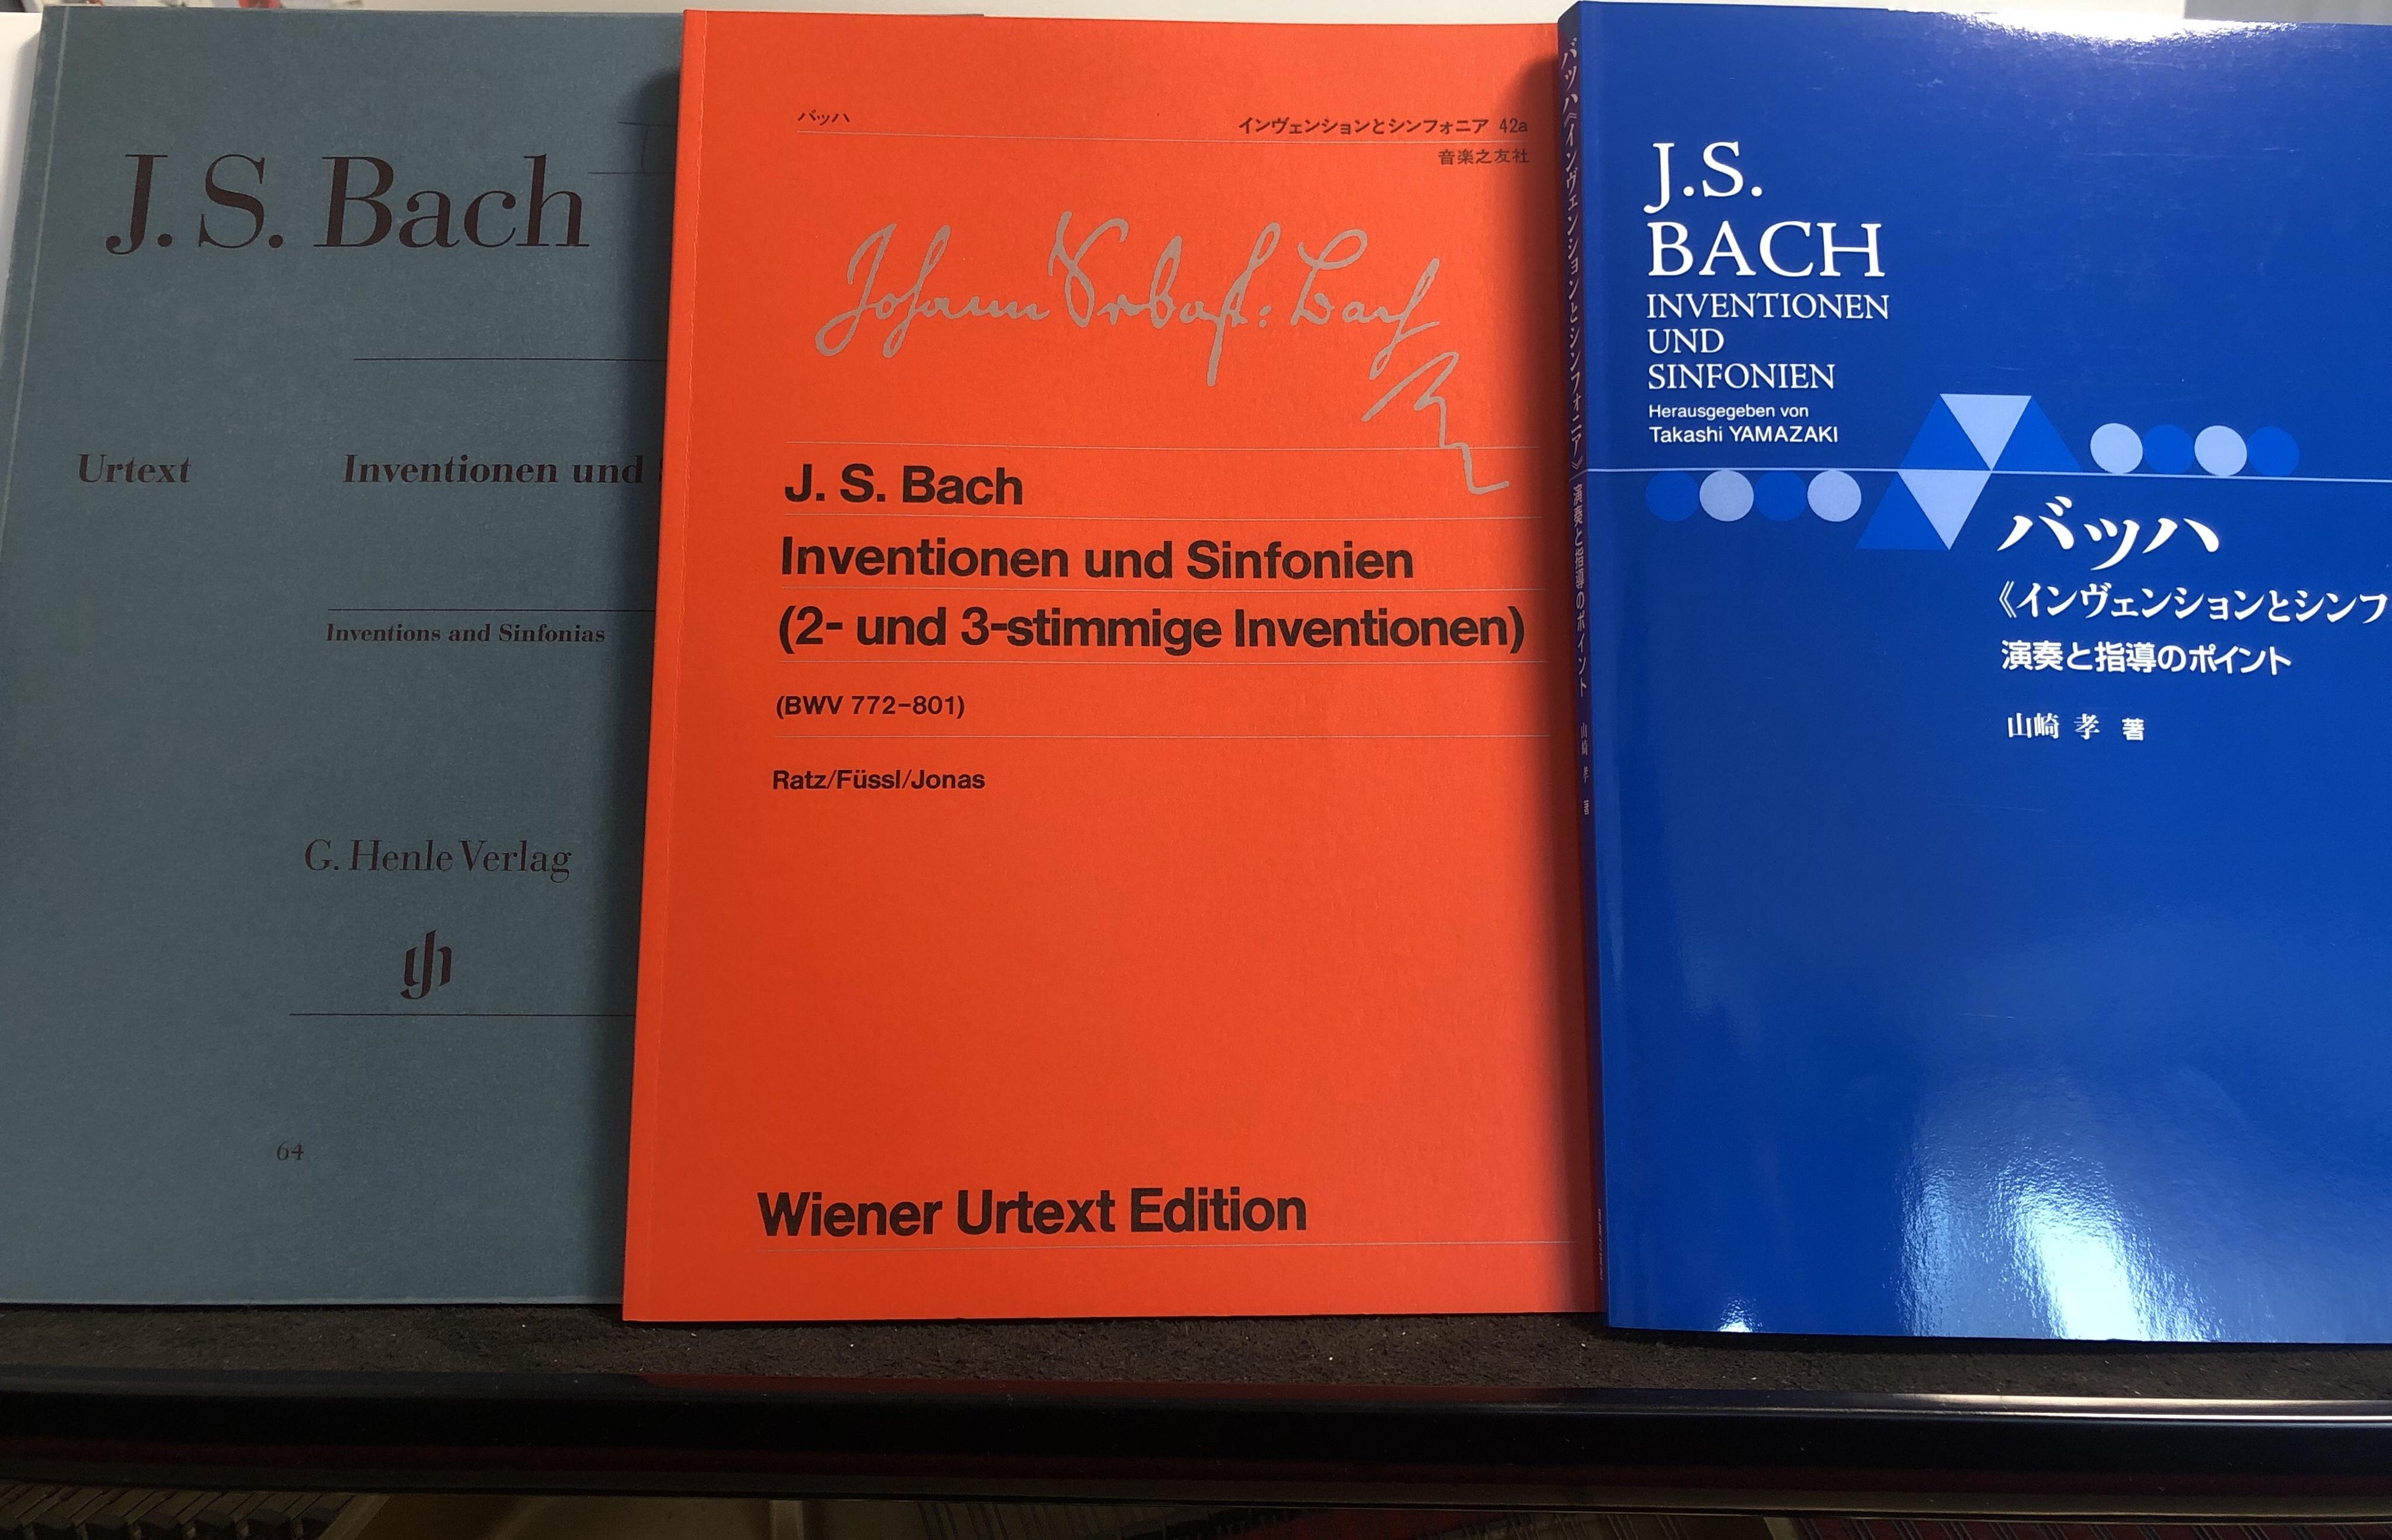 Bachバッハのインベンションを学ぶ際のおすすめ楽譜まとめ